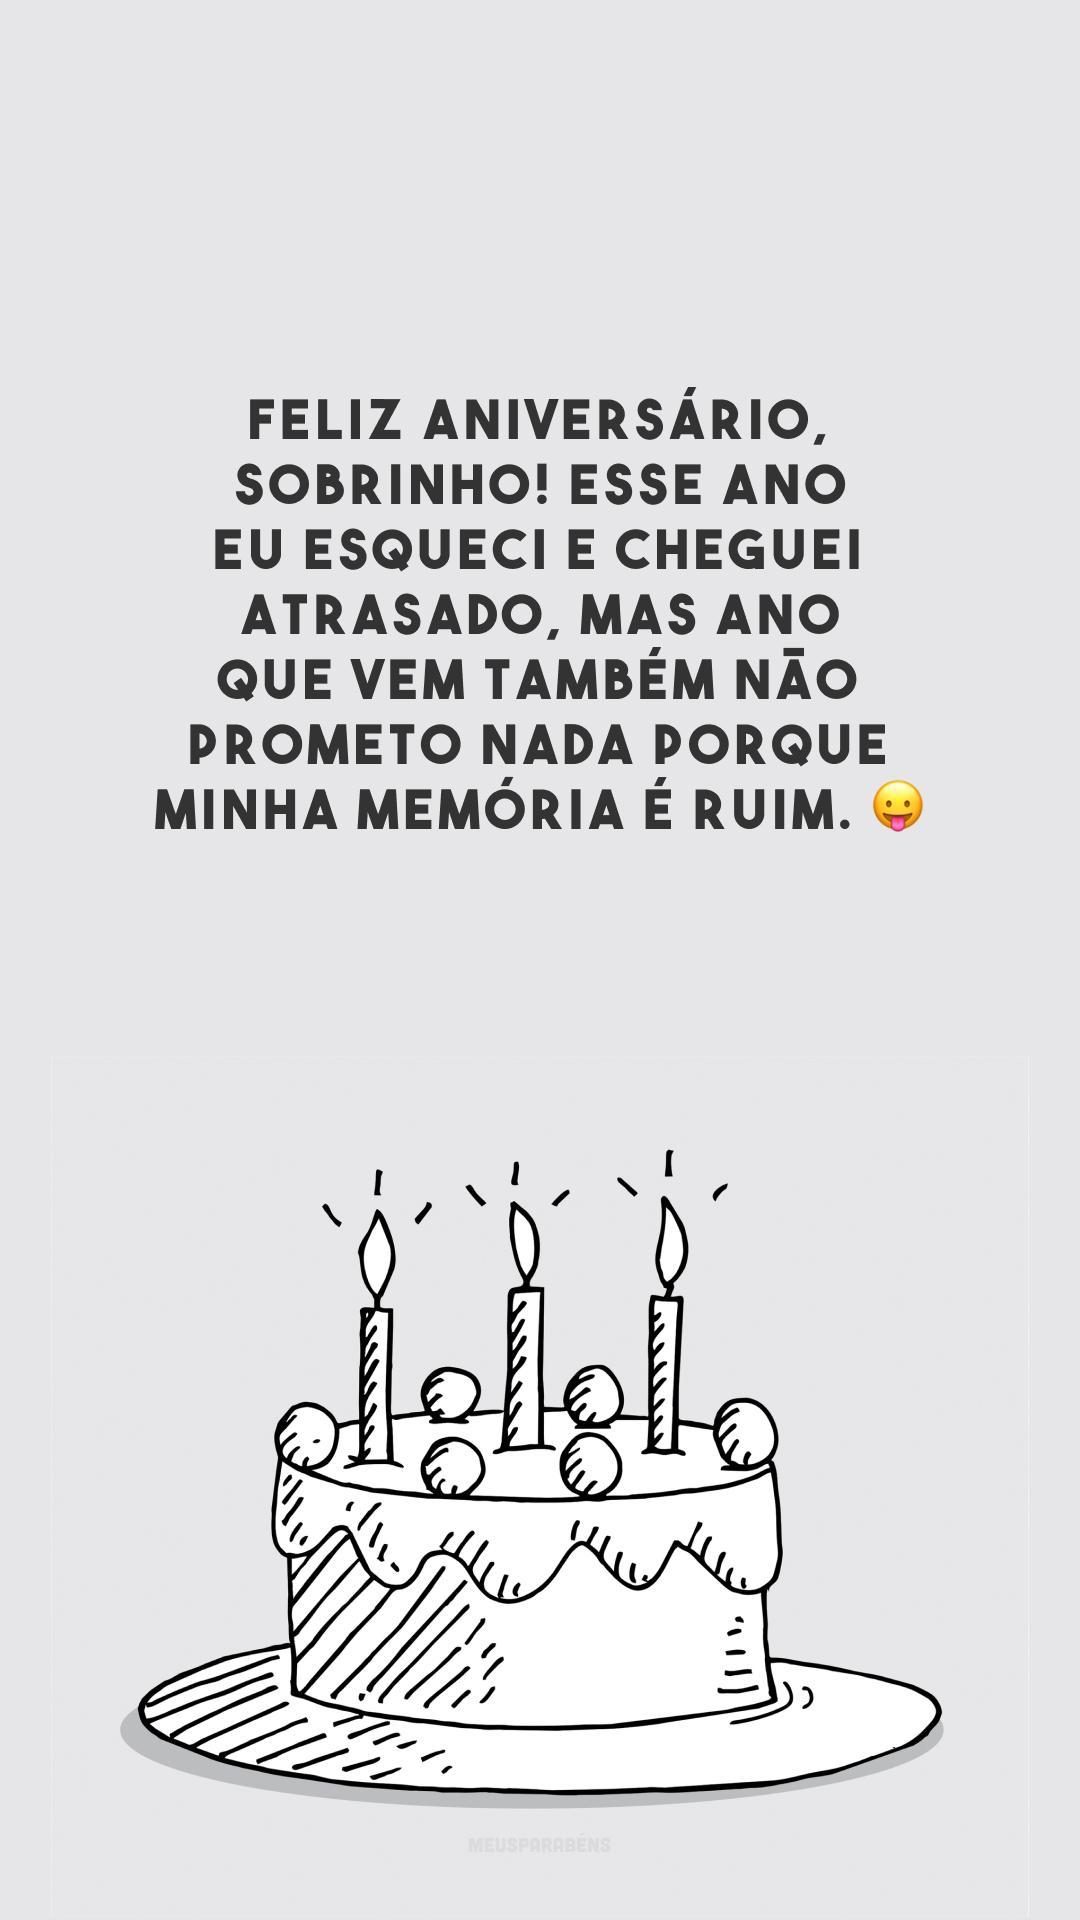 Feliz aniversário, sobrinho! Esse ano eu esqueci e cheguei atrasado, mas ano que vem também não prometo nada porque minha memória é ruim. 😛